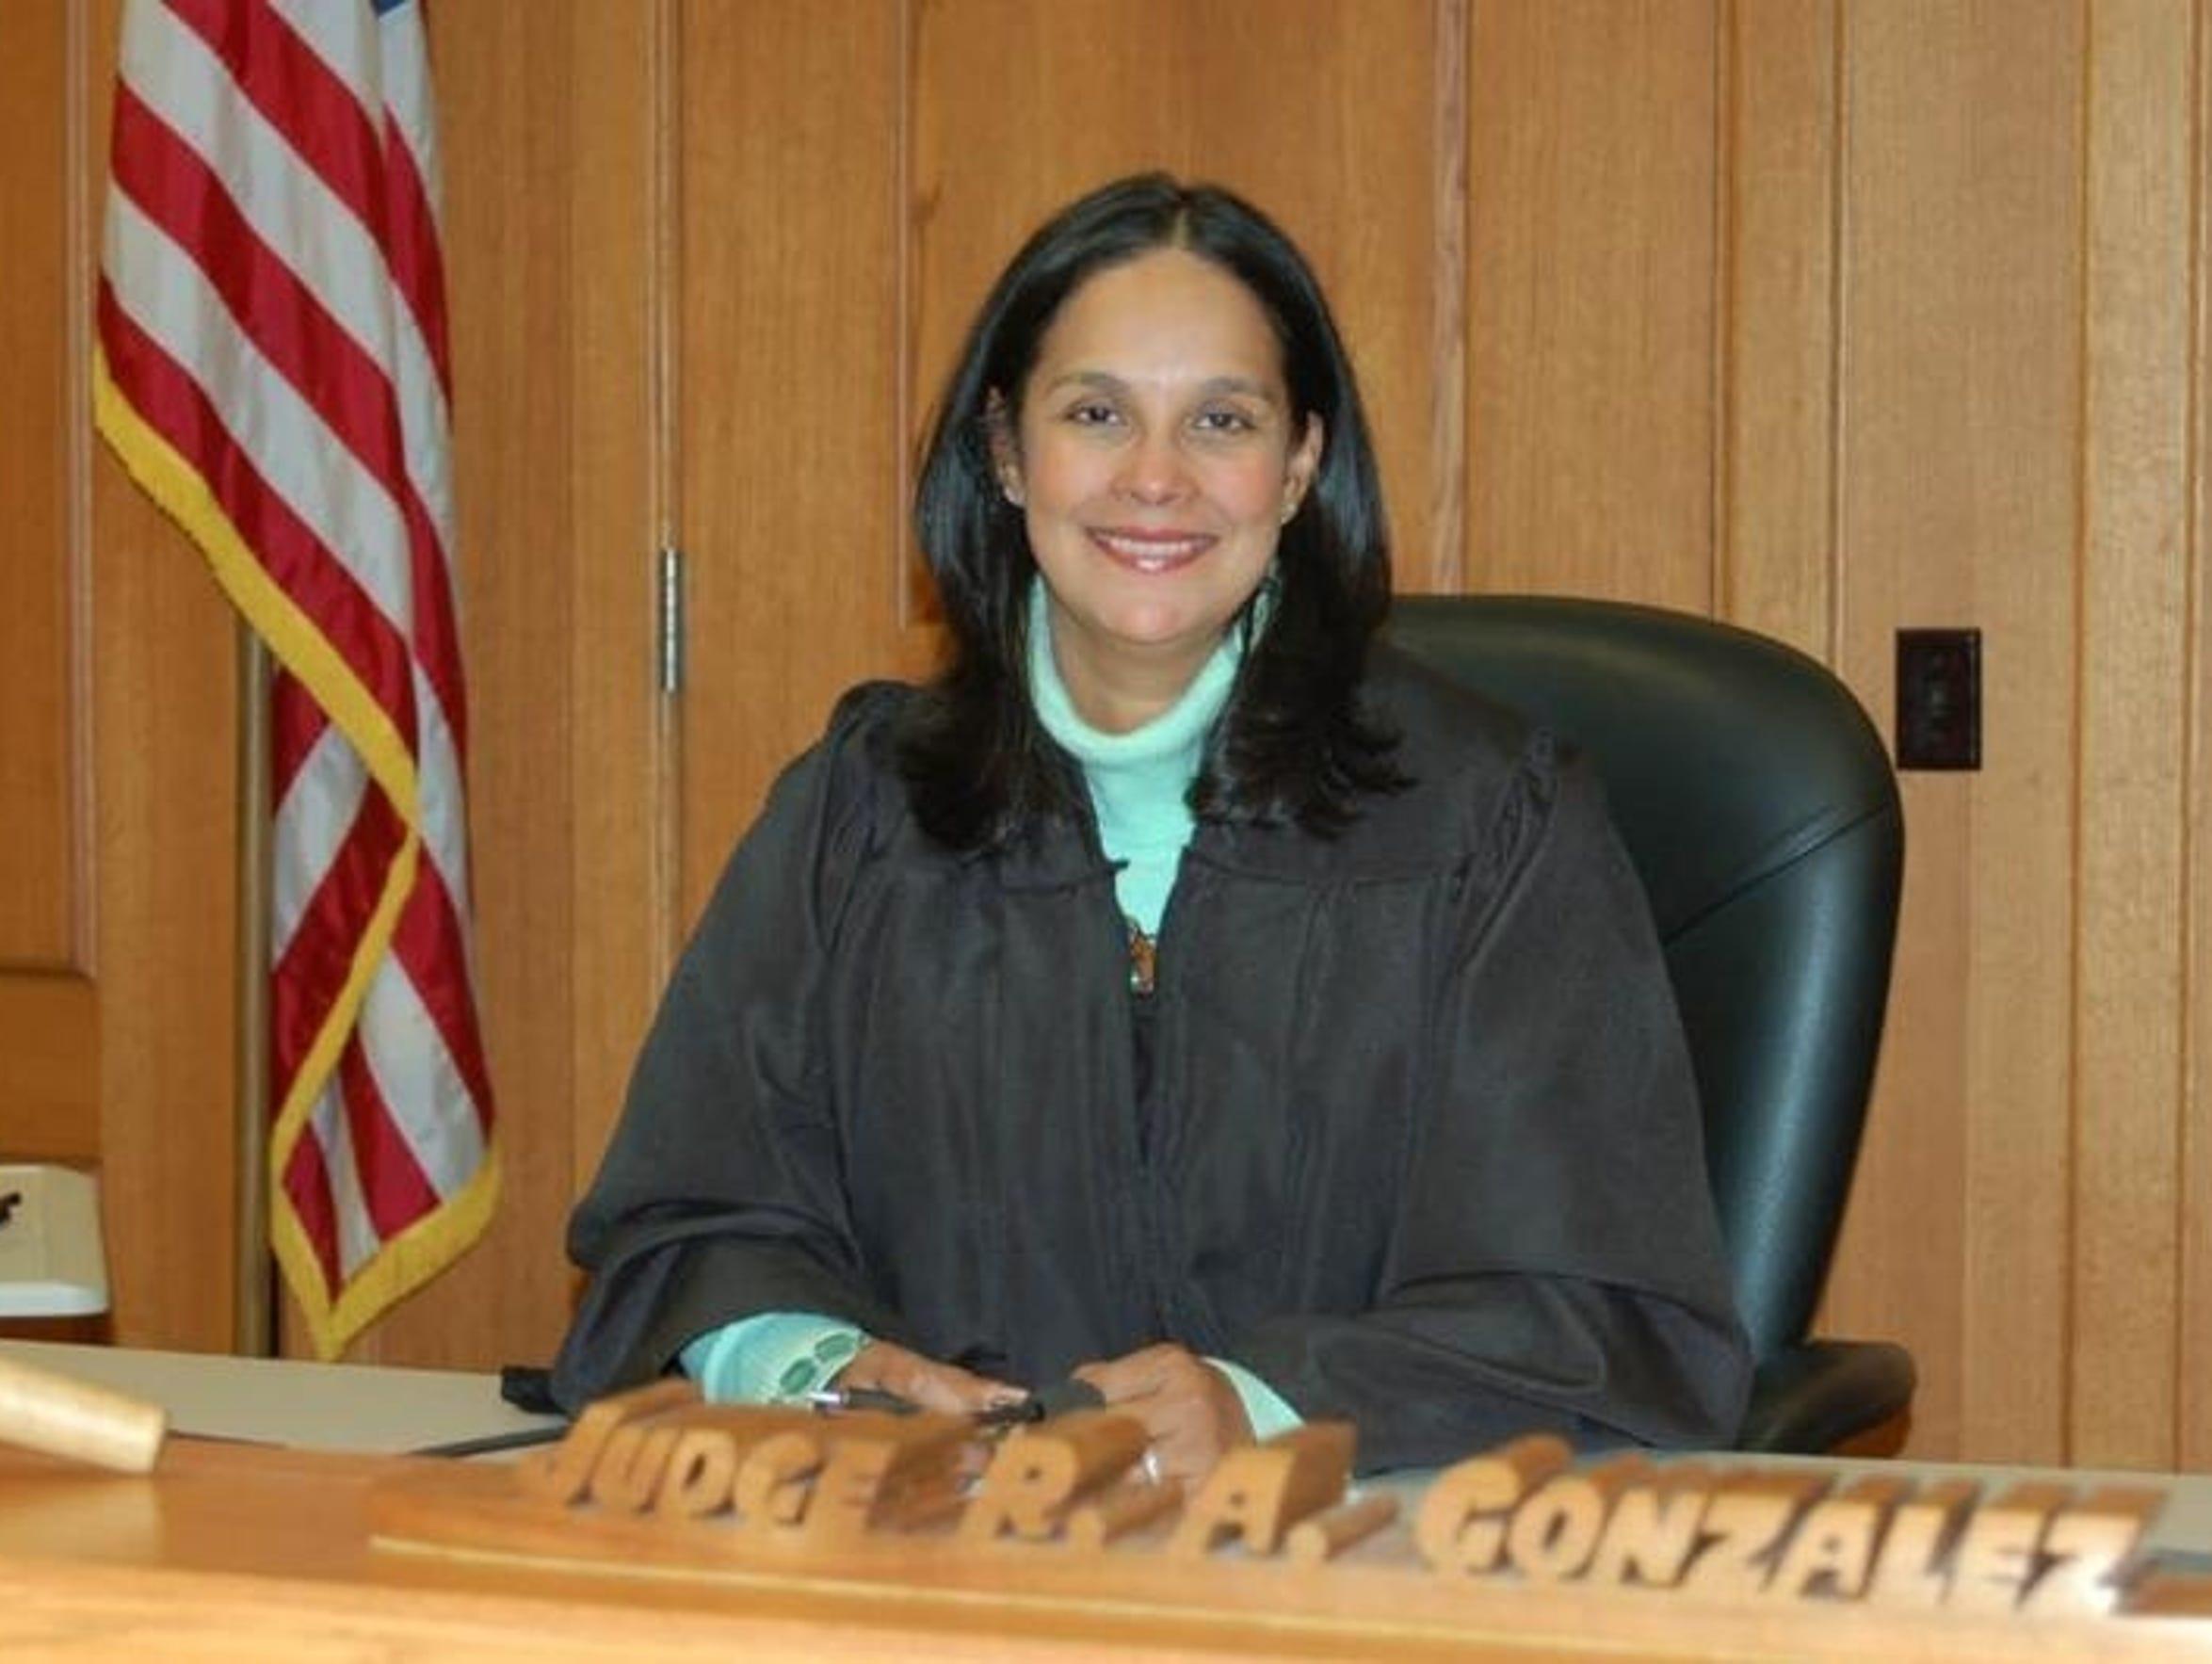 La Crosse County Judge Ramona Gonzalez sealed 38 cases